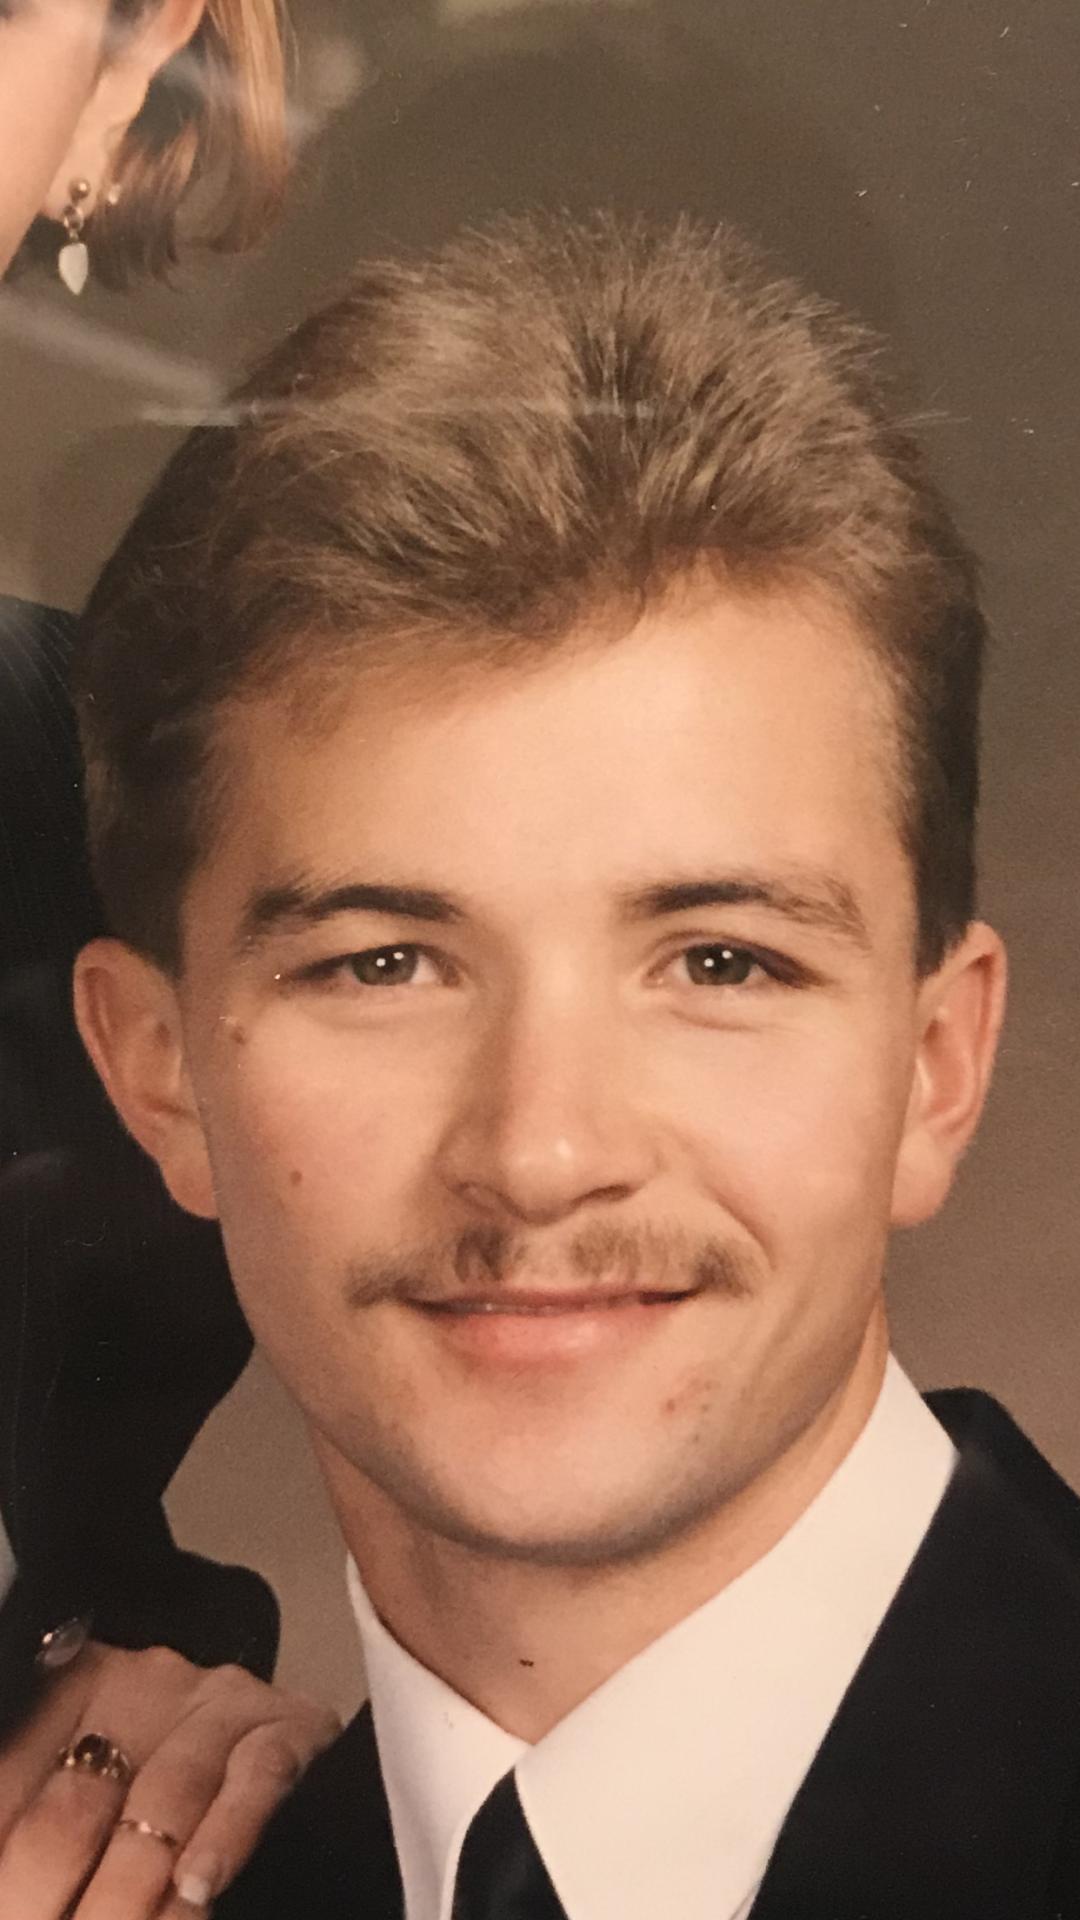 Randy in his early twenties.